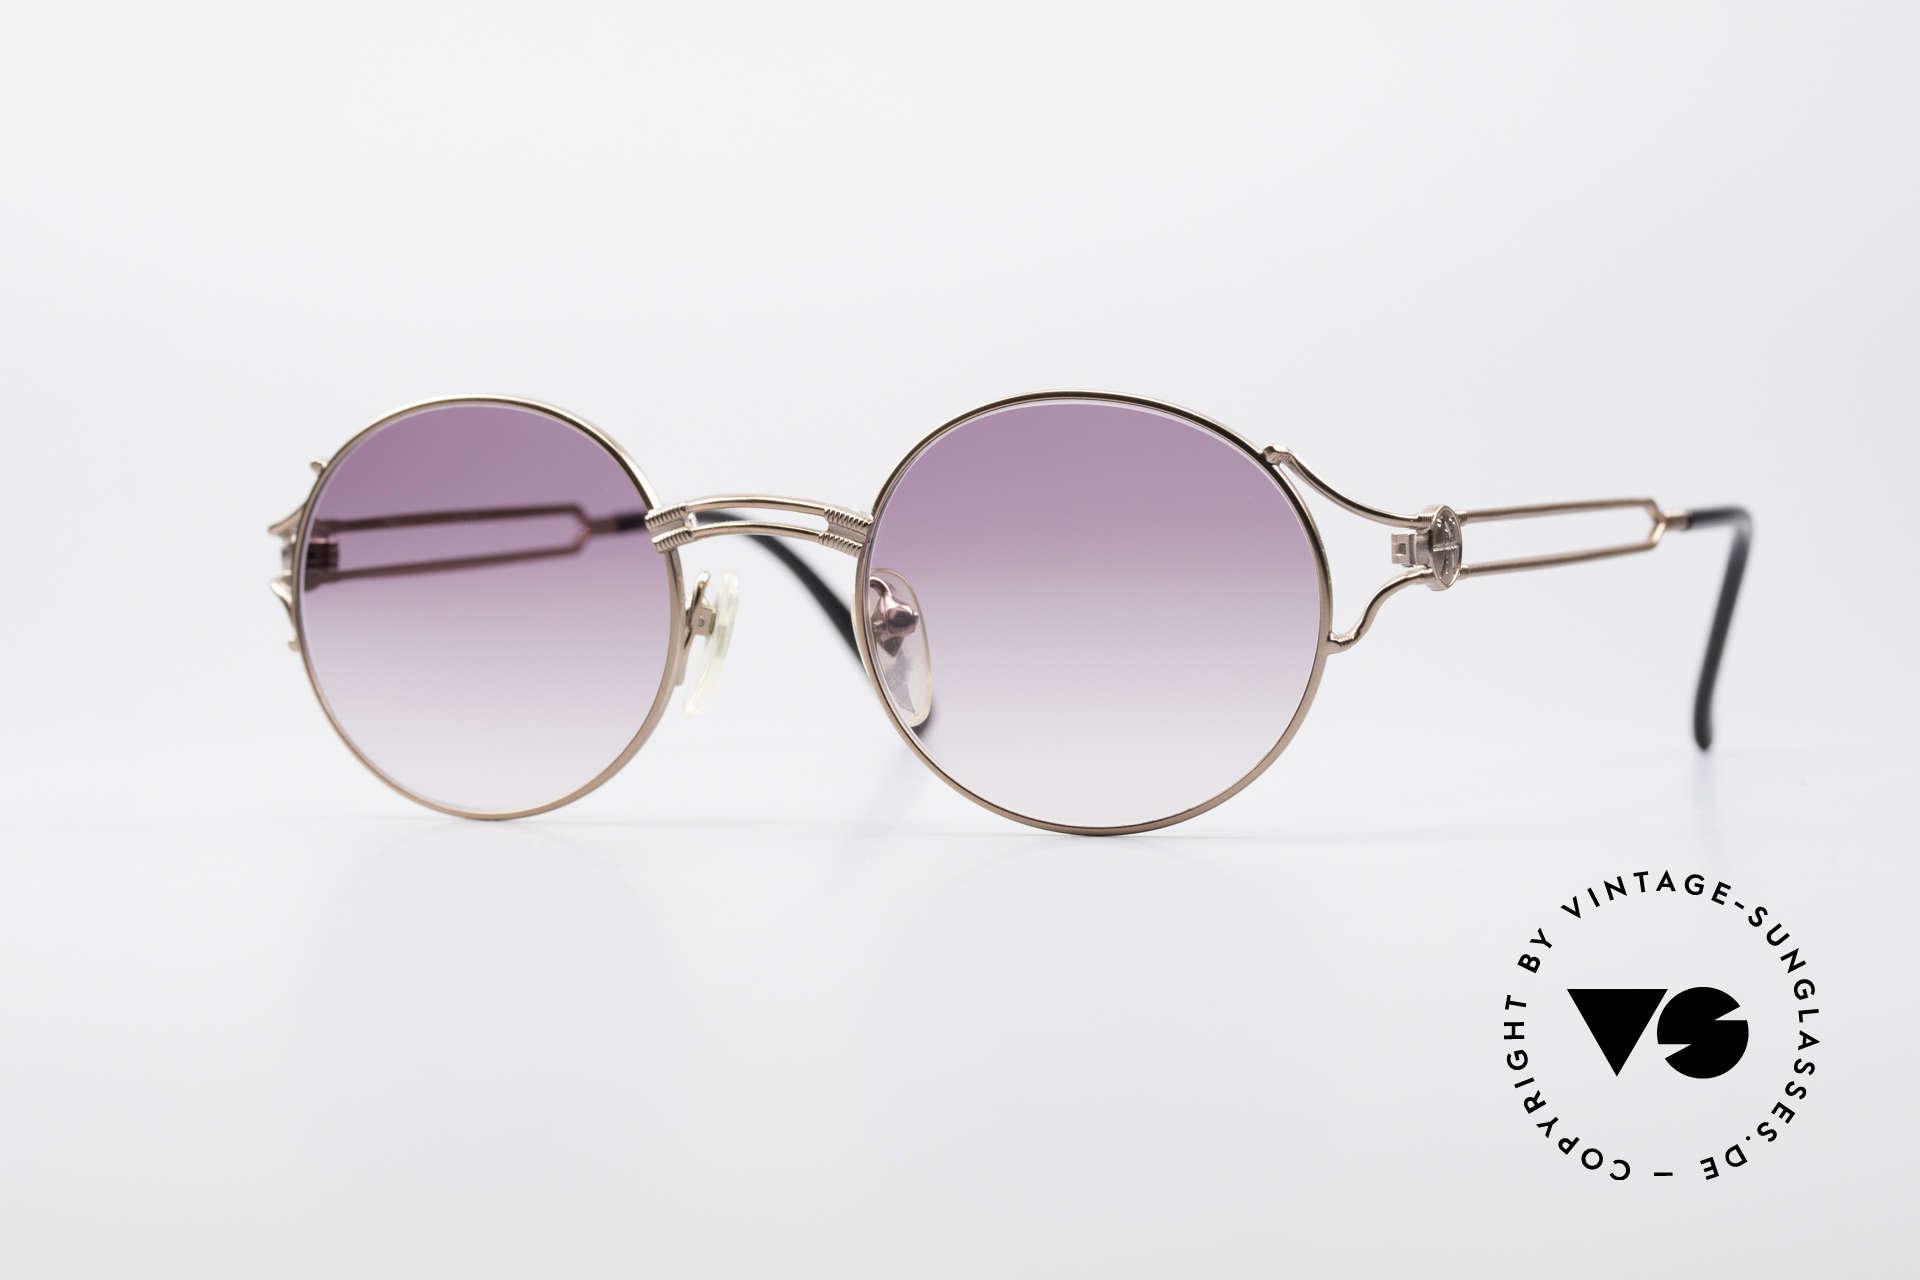 Jean Paul Gaultier 57-6102 Runde Designersonnenbrille, runde vintage Designer-Sonnenbrille von JP Gaultier, Passend für Herren und Damen